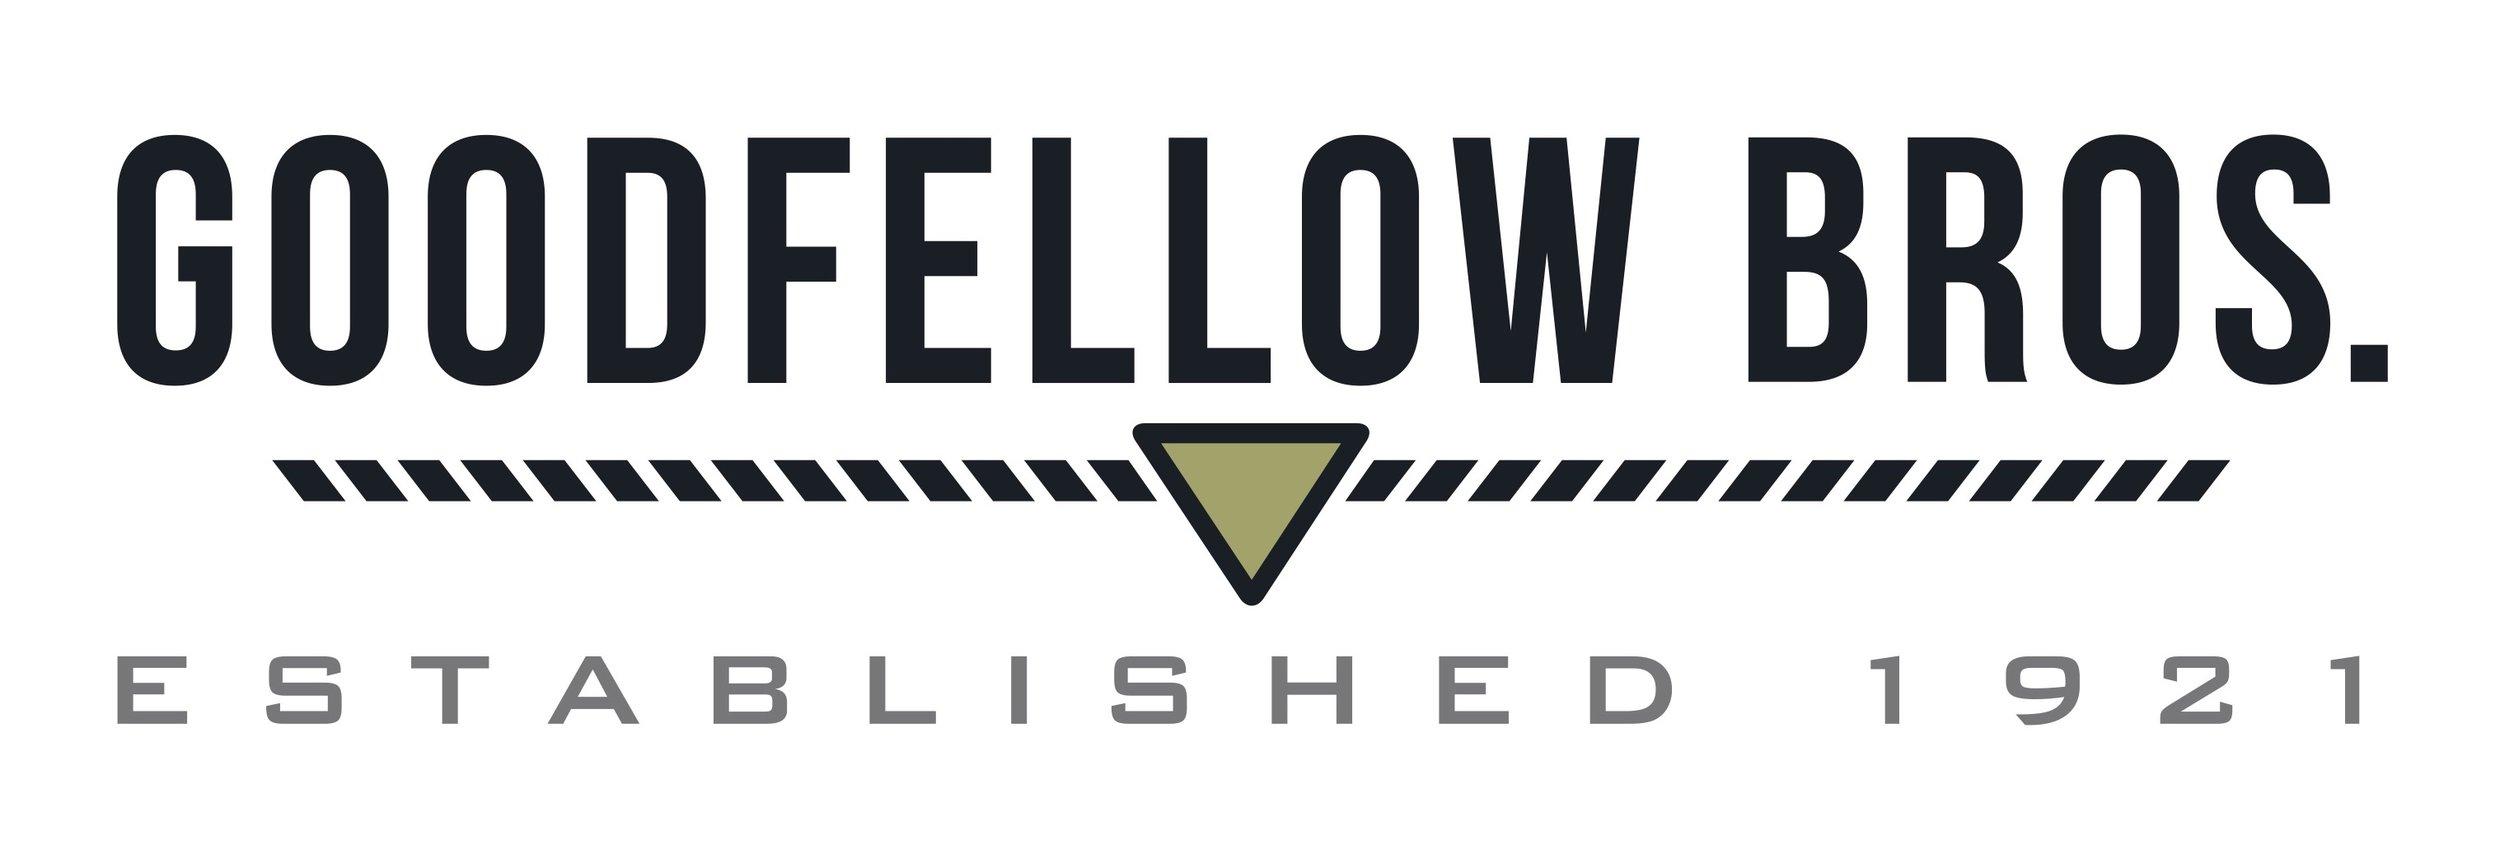 GoodfellowBros_2018_Logo_Color.jpg